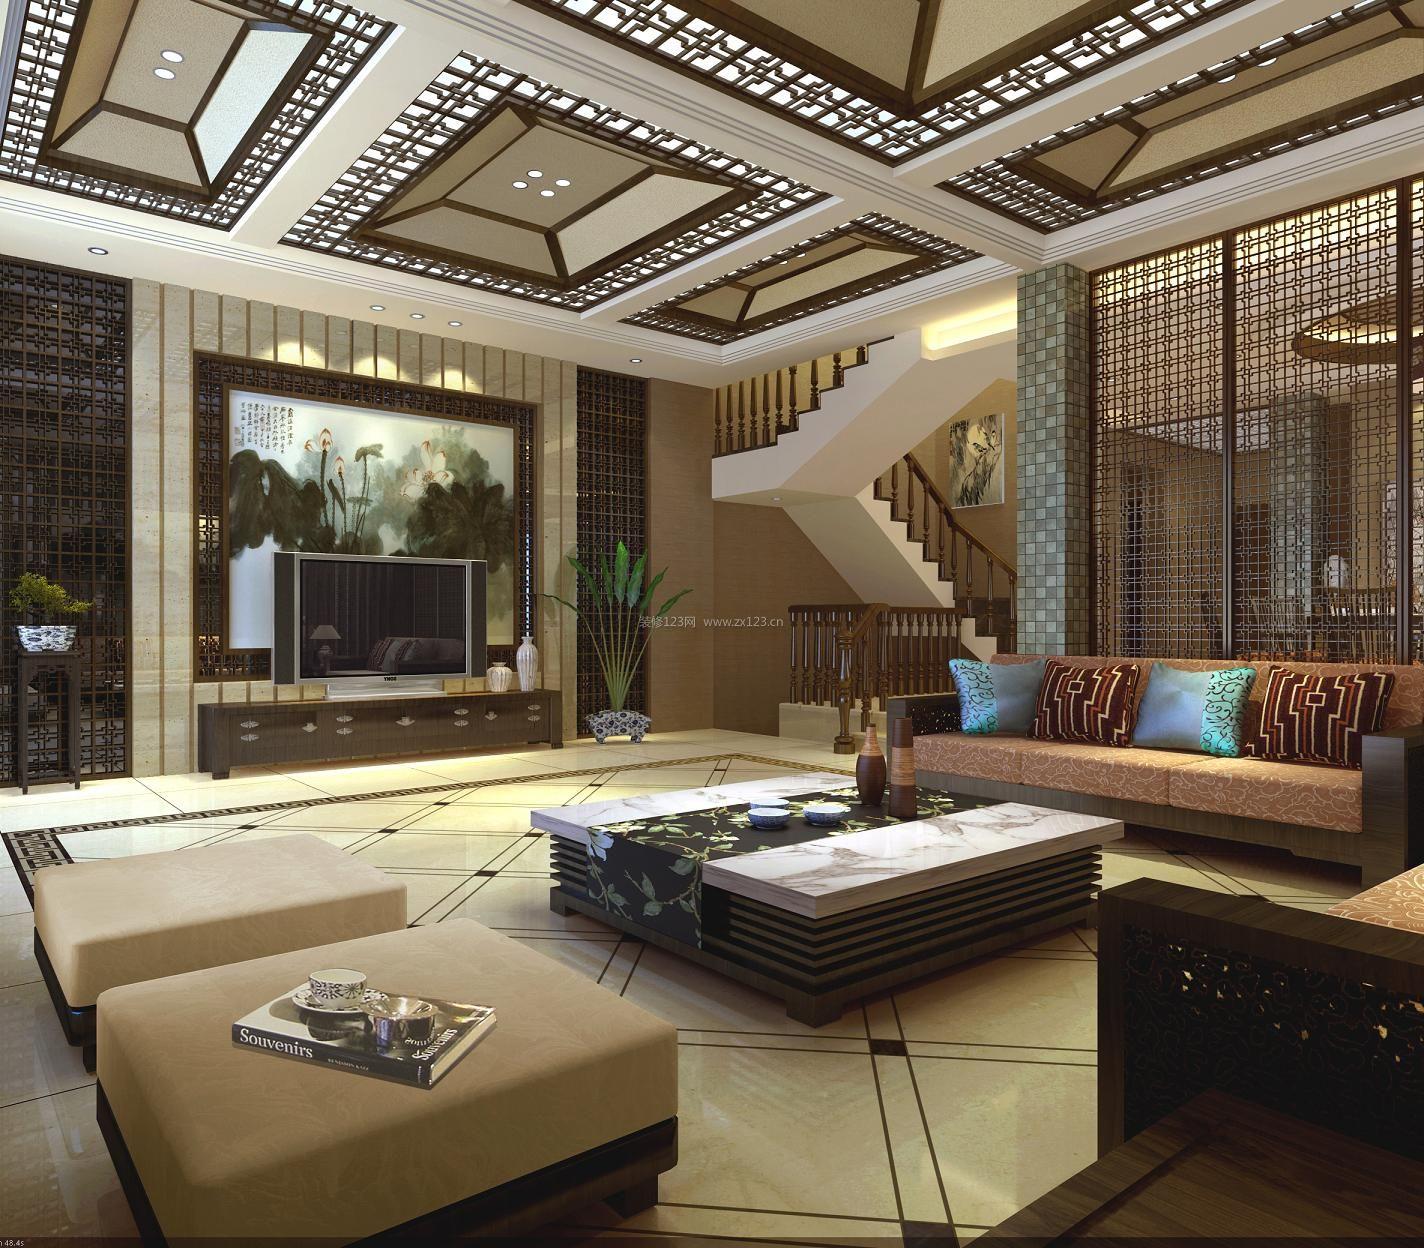 家装效果图 中式 新中式别墅客厅吊顶设计装修效果图 提供者:   ←图片